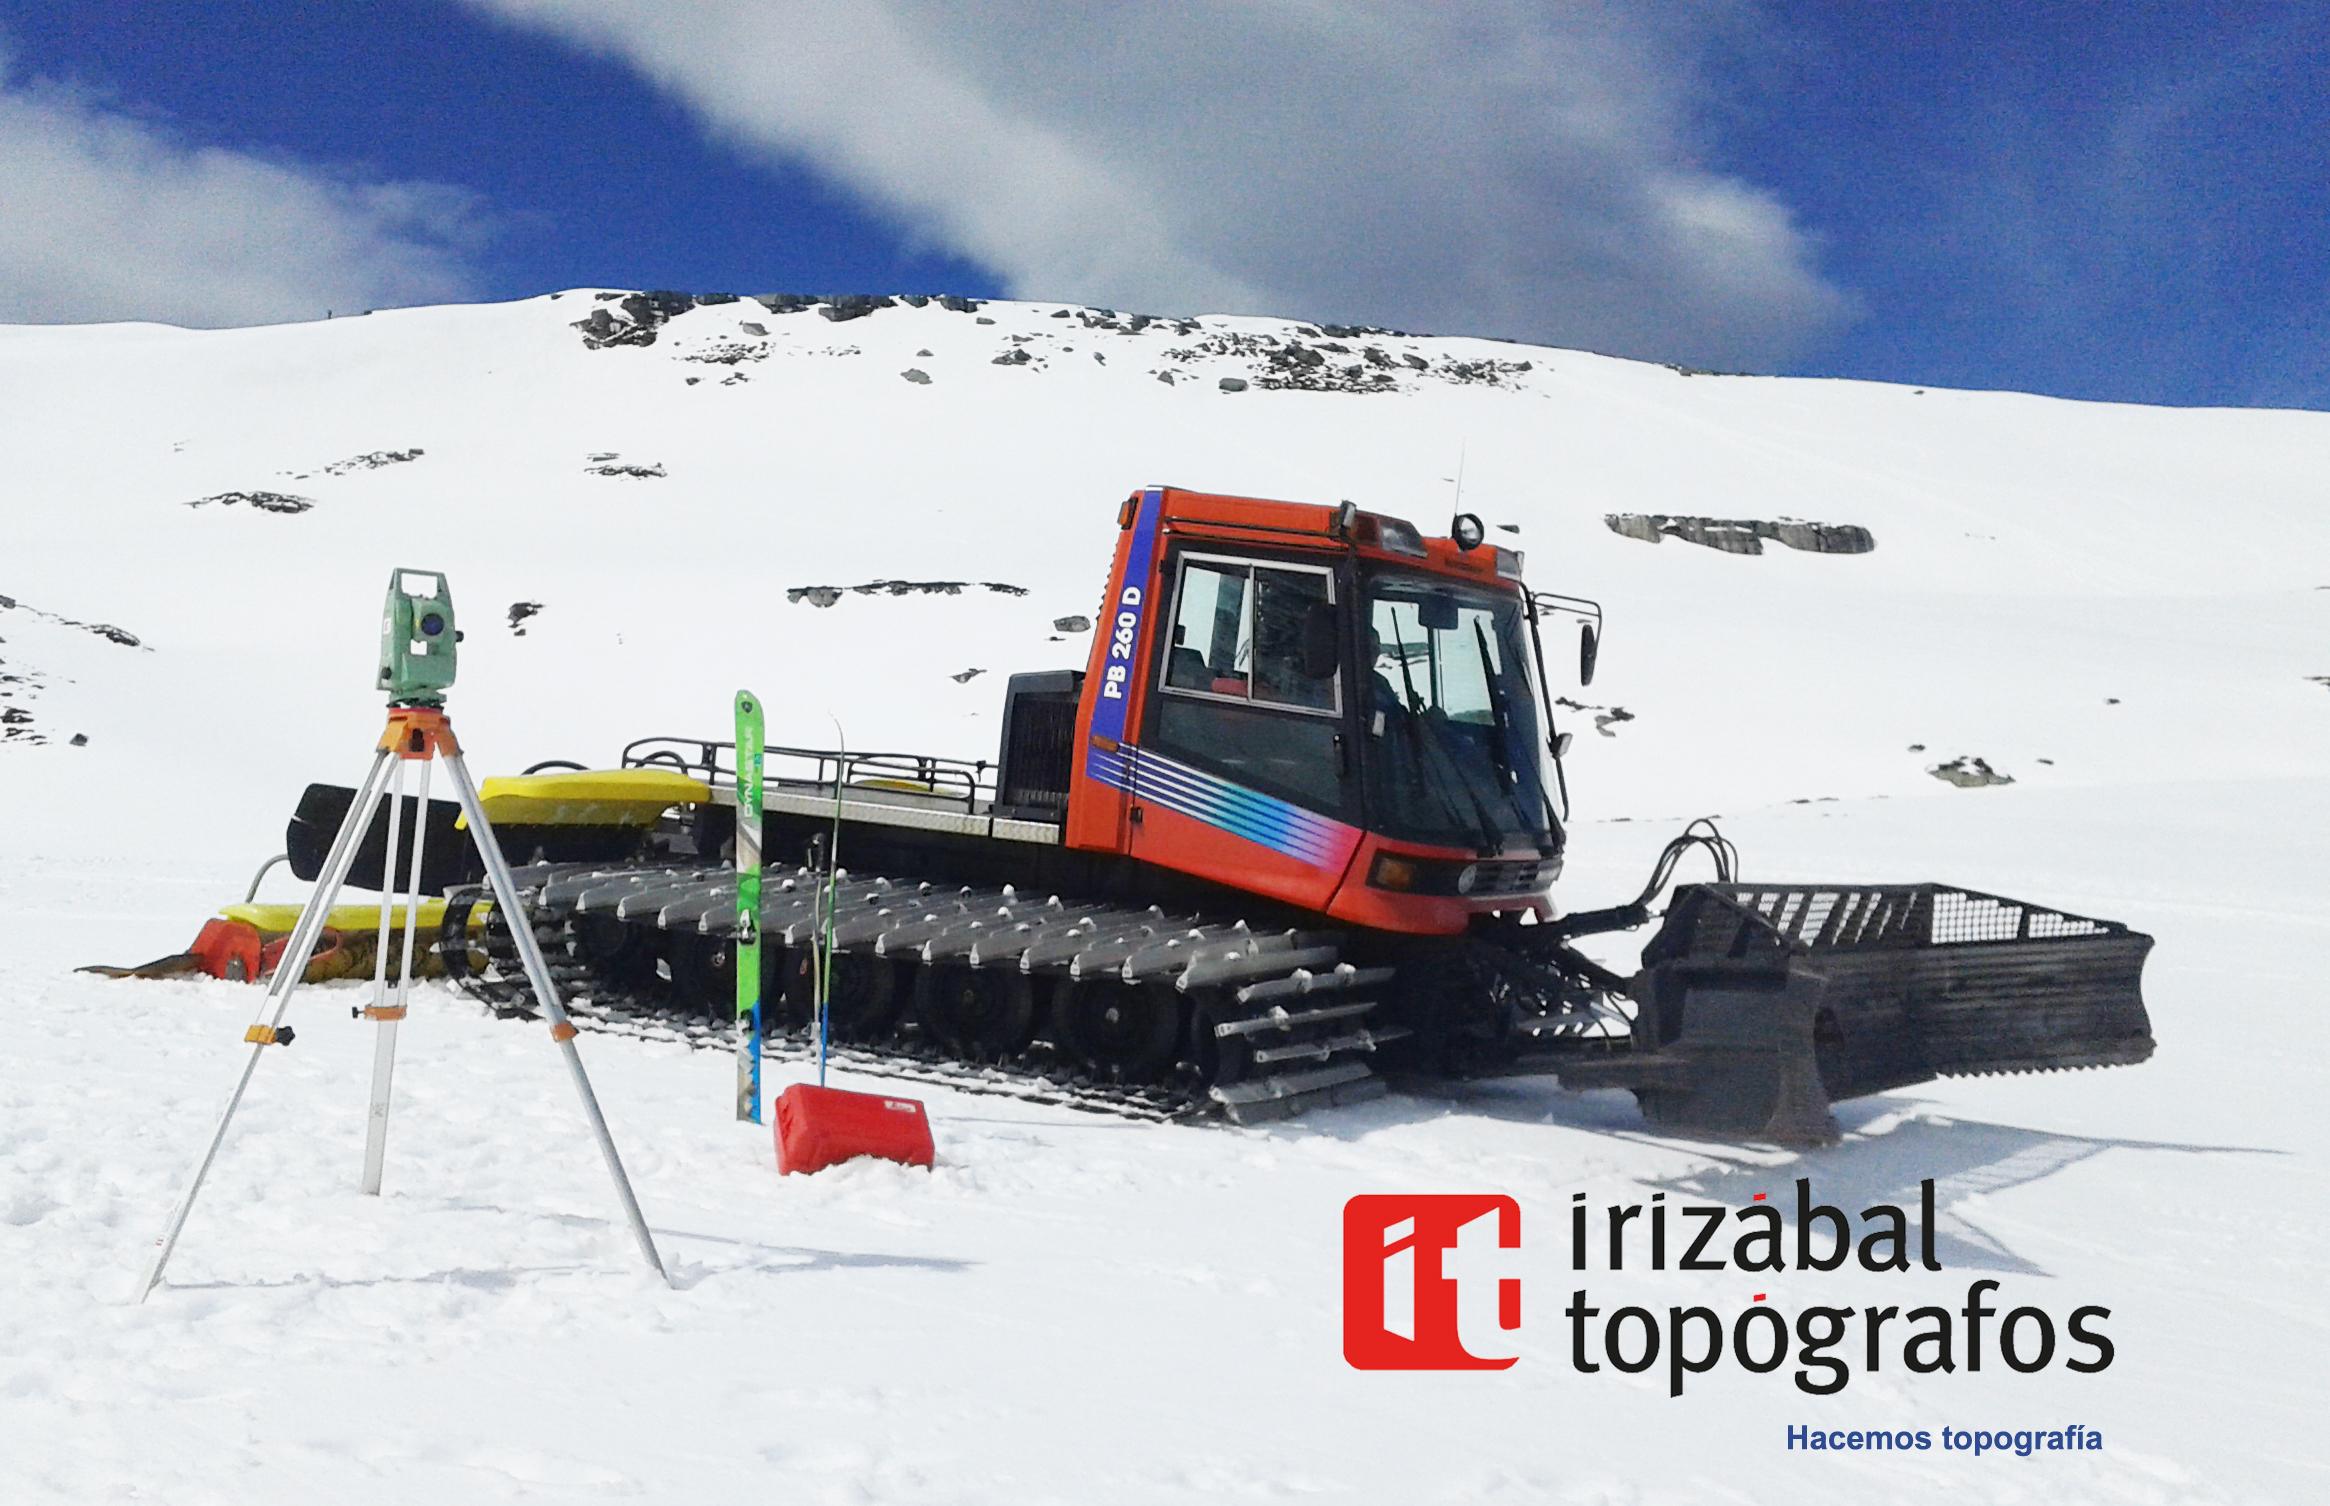 Estacion de esqui Hacemos topografia